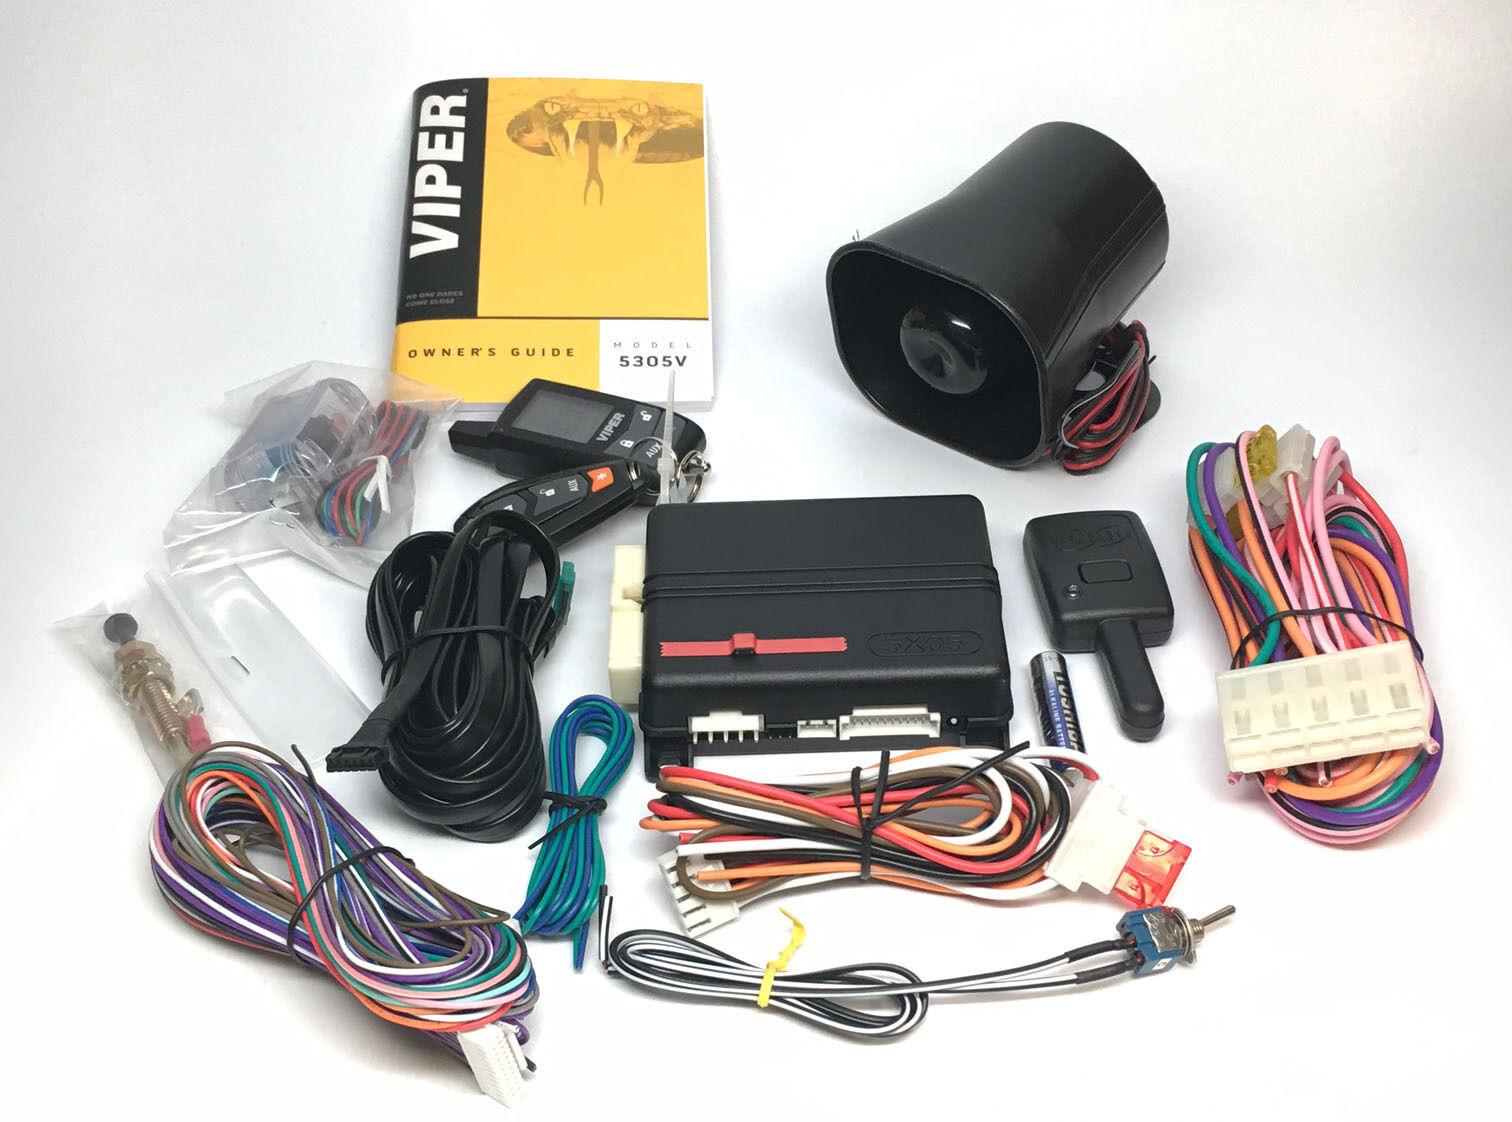 viper 5305v car alarm vdo volt gauge wiring diagram and remote starter 2 way lcd